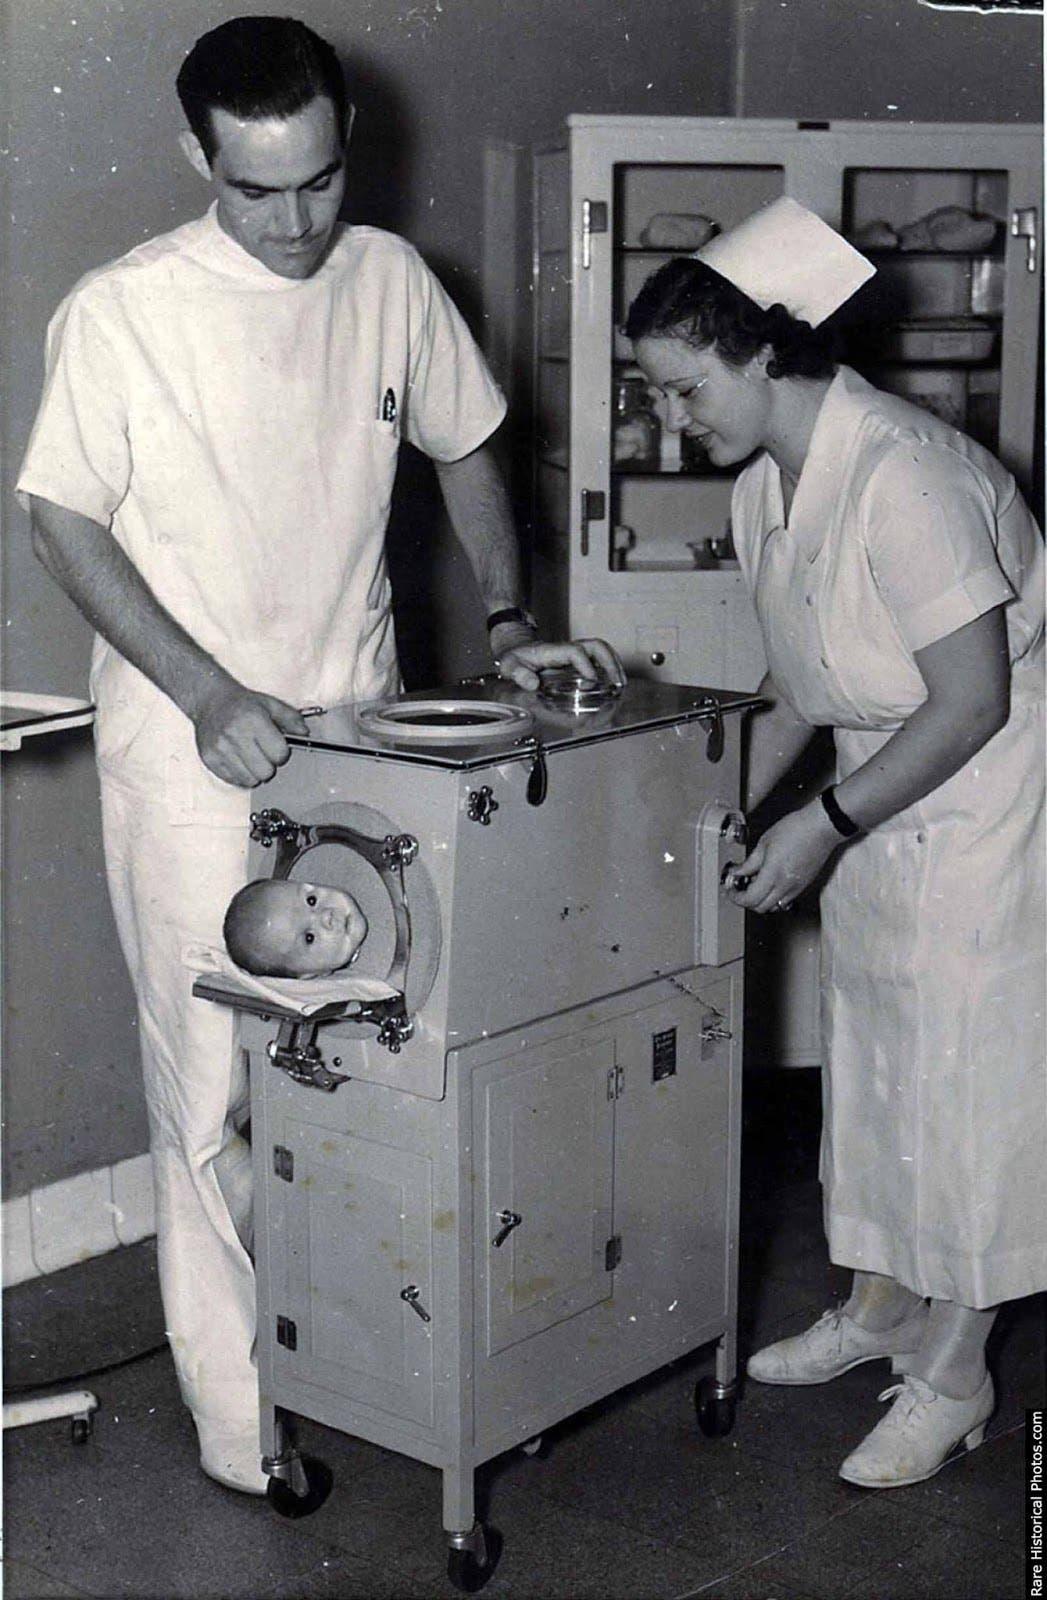 صورة لطفل رضيع داخل آلة الرئة الحديدية